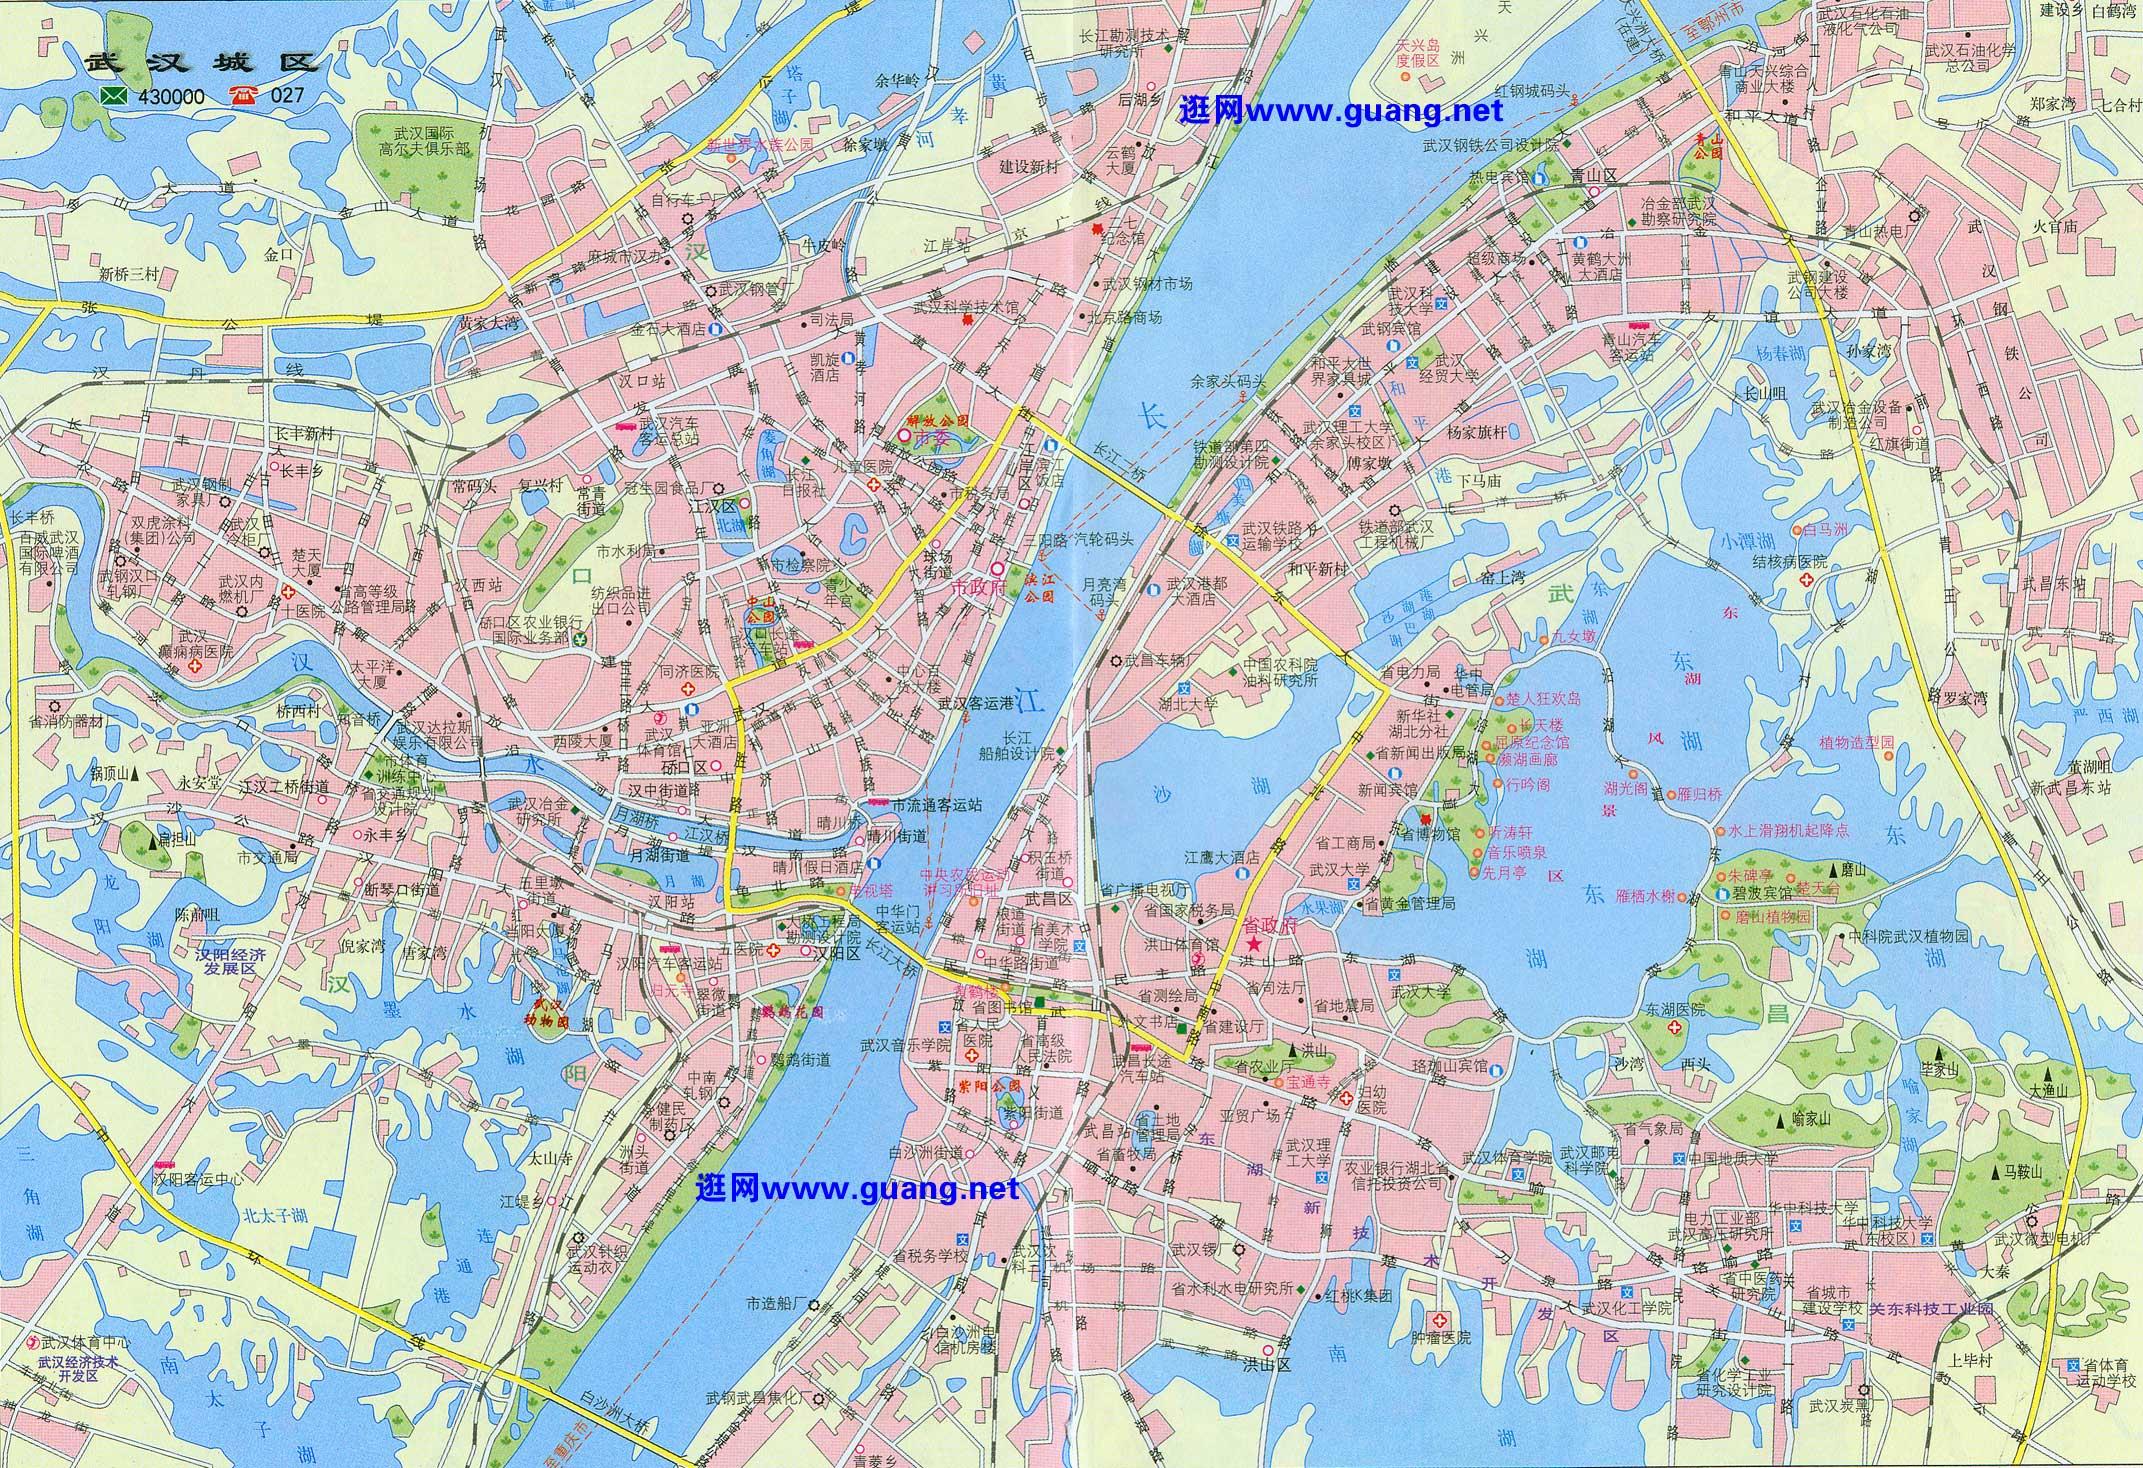 武汉市区地图